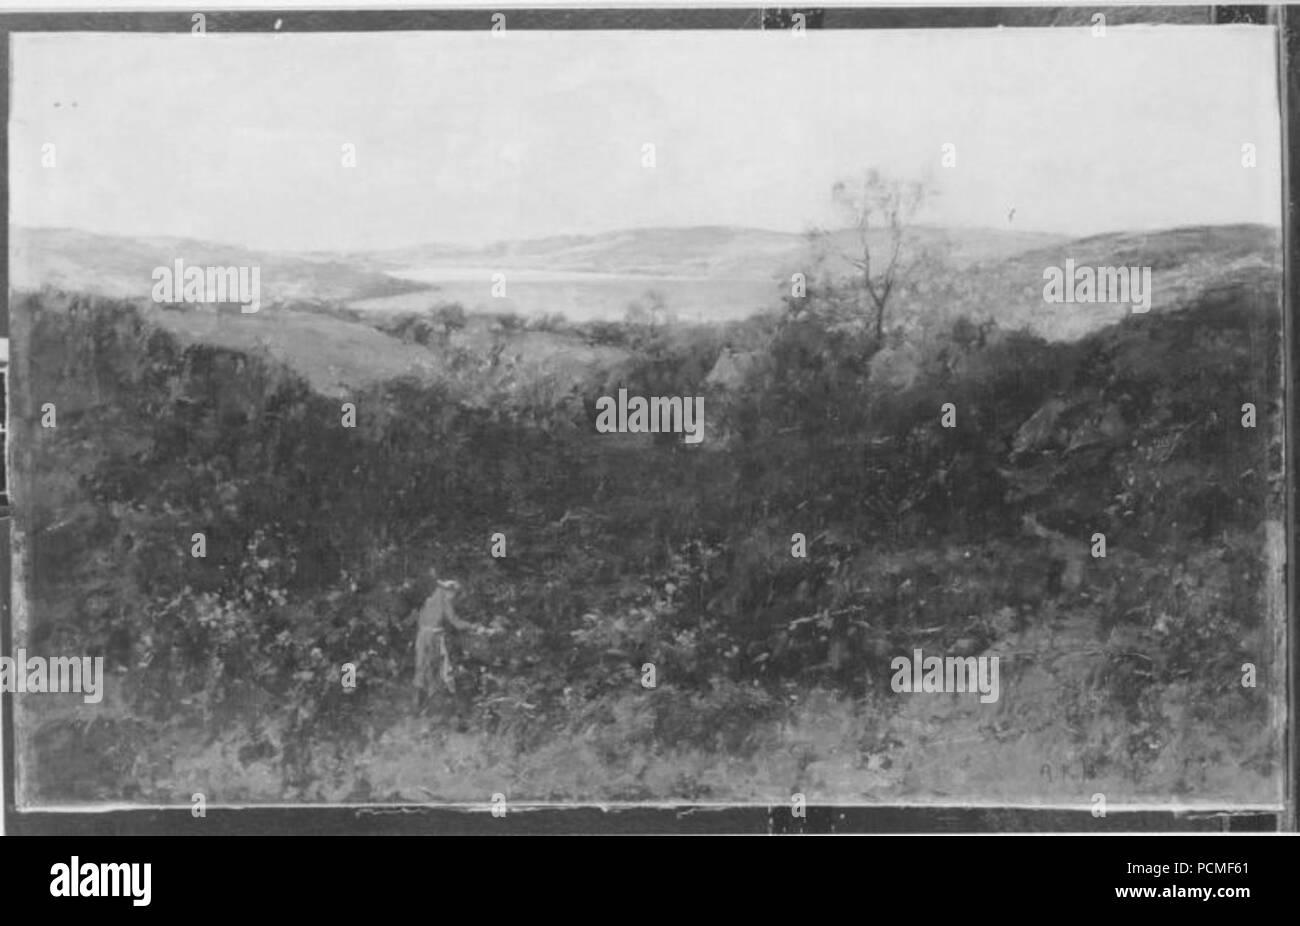 Alexander Kellock Brown - Gareloch in Schottland - 7923 - - Stock Image